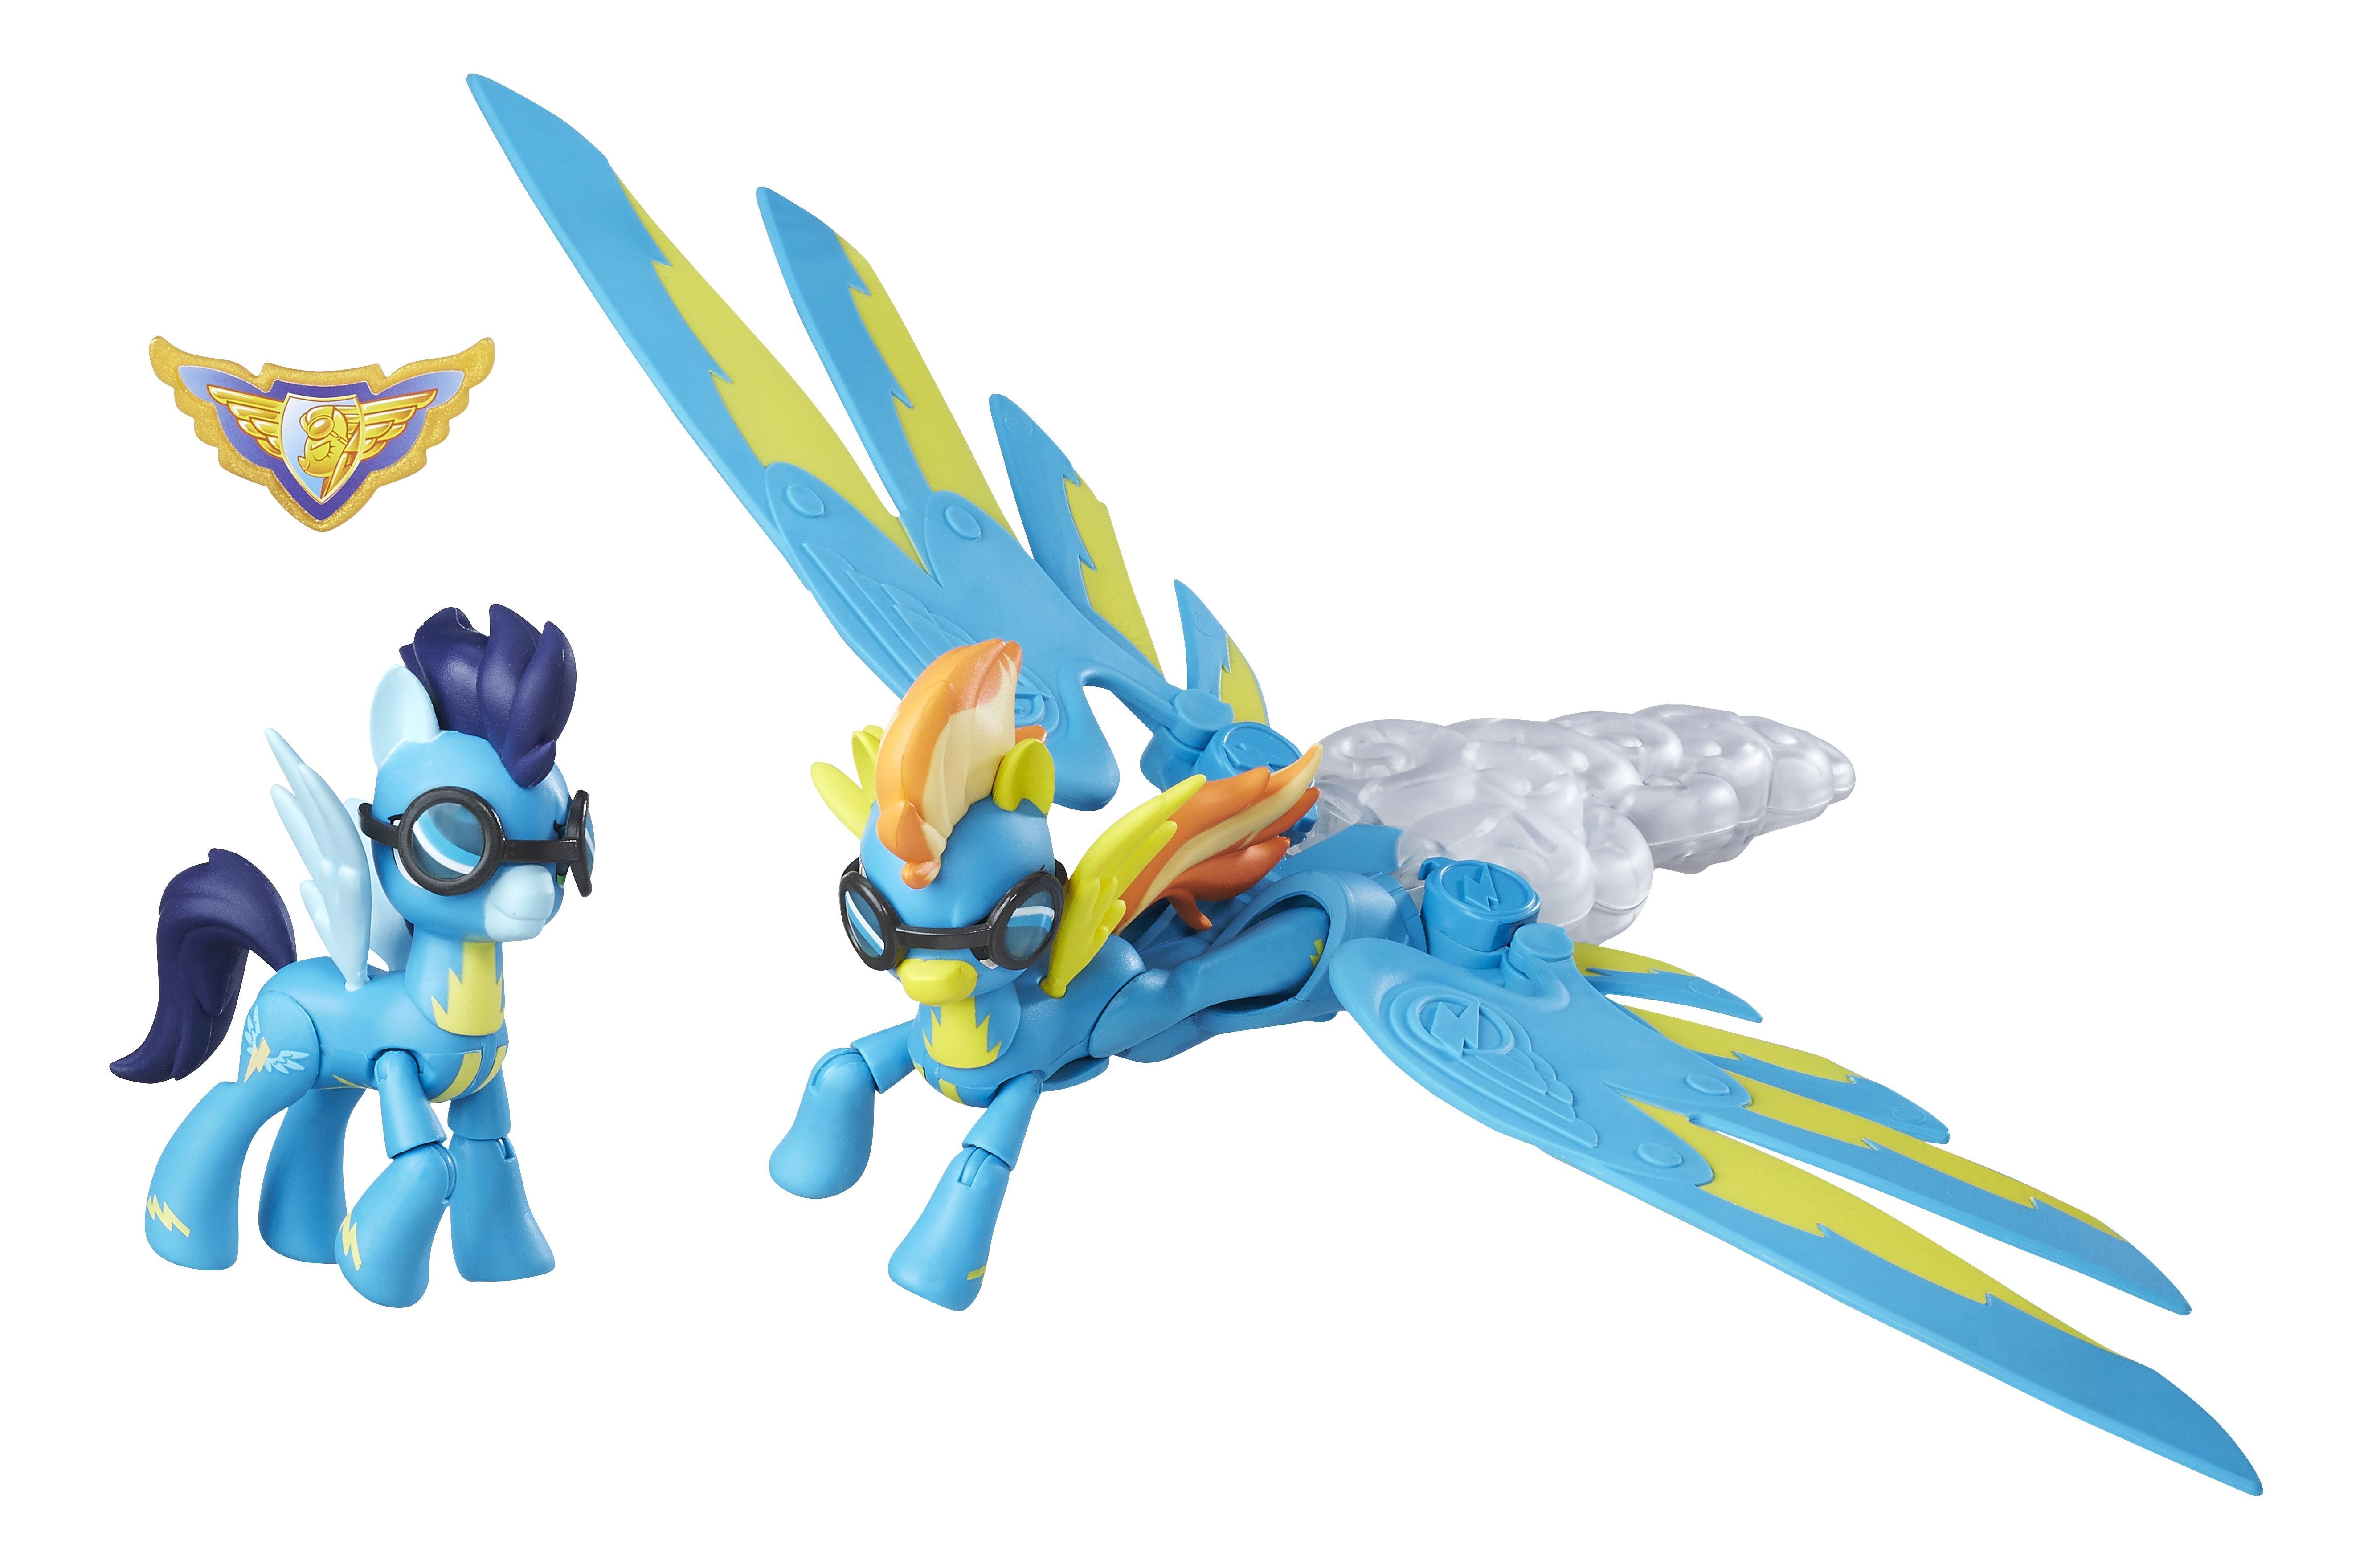 Купить Фигурки спитфайра и сорина из серии «мой маленький пони/хранители гармонии» b6011, My little Pony, Игровые наборы